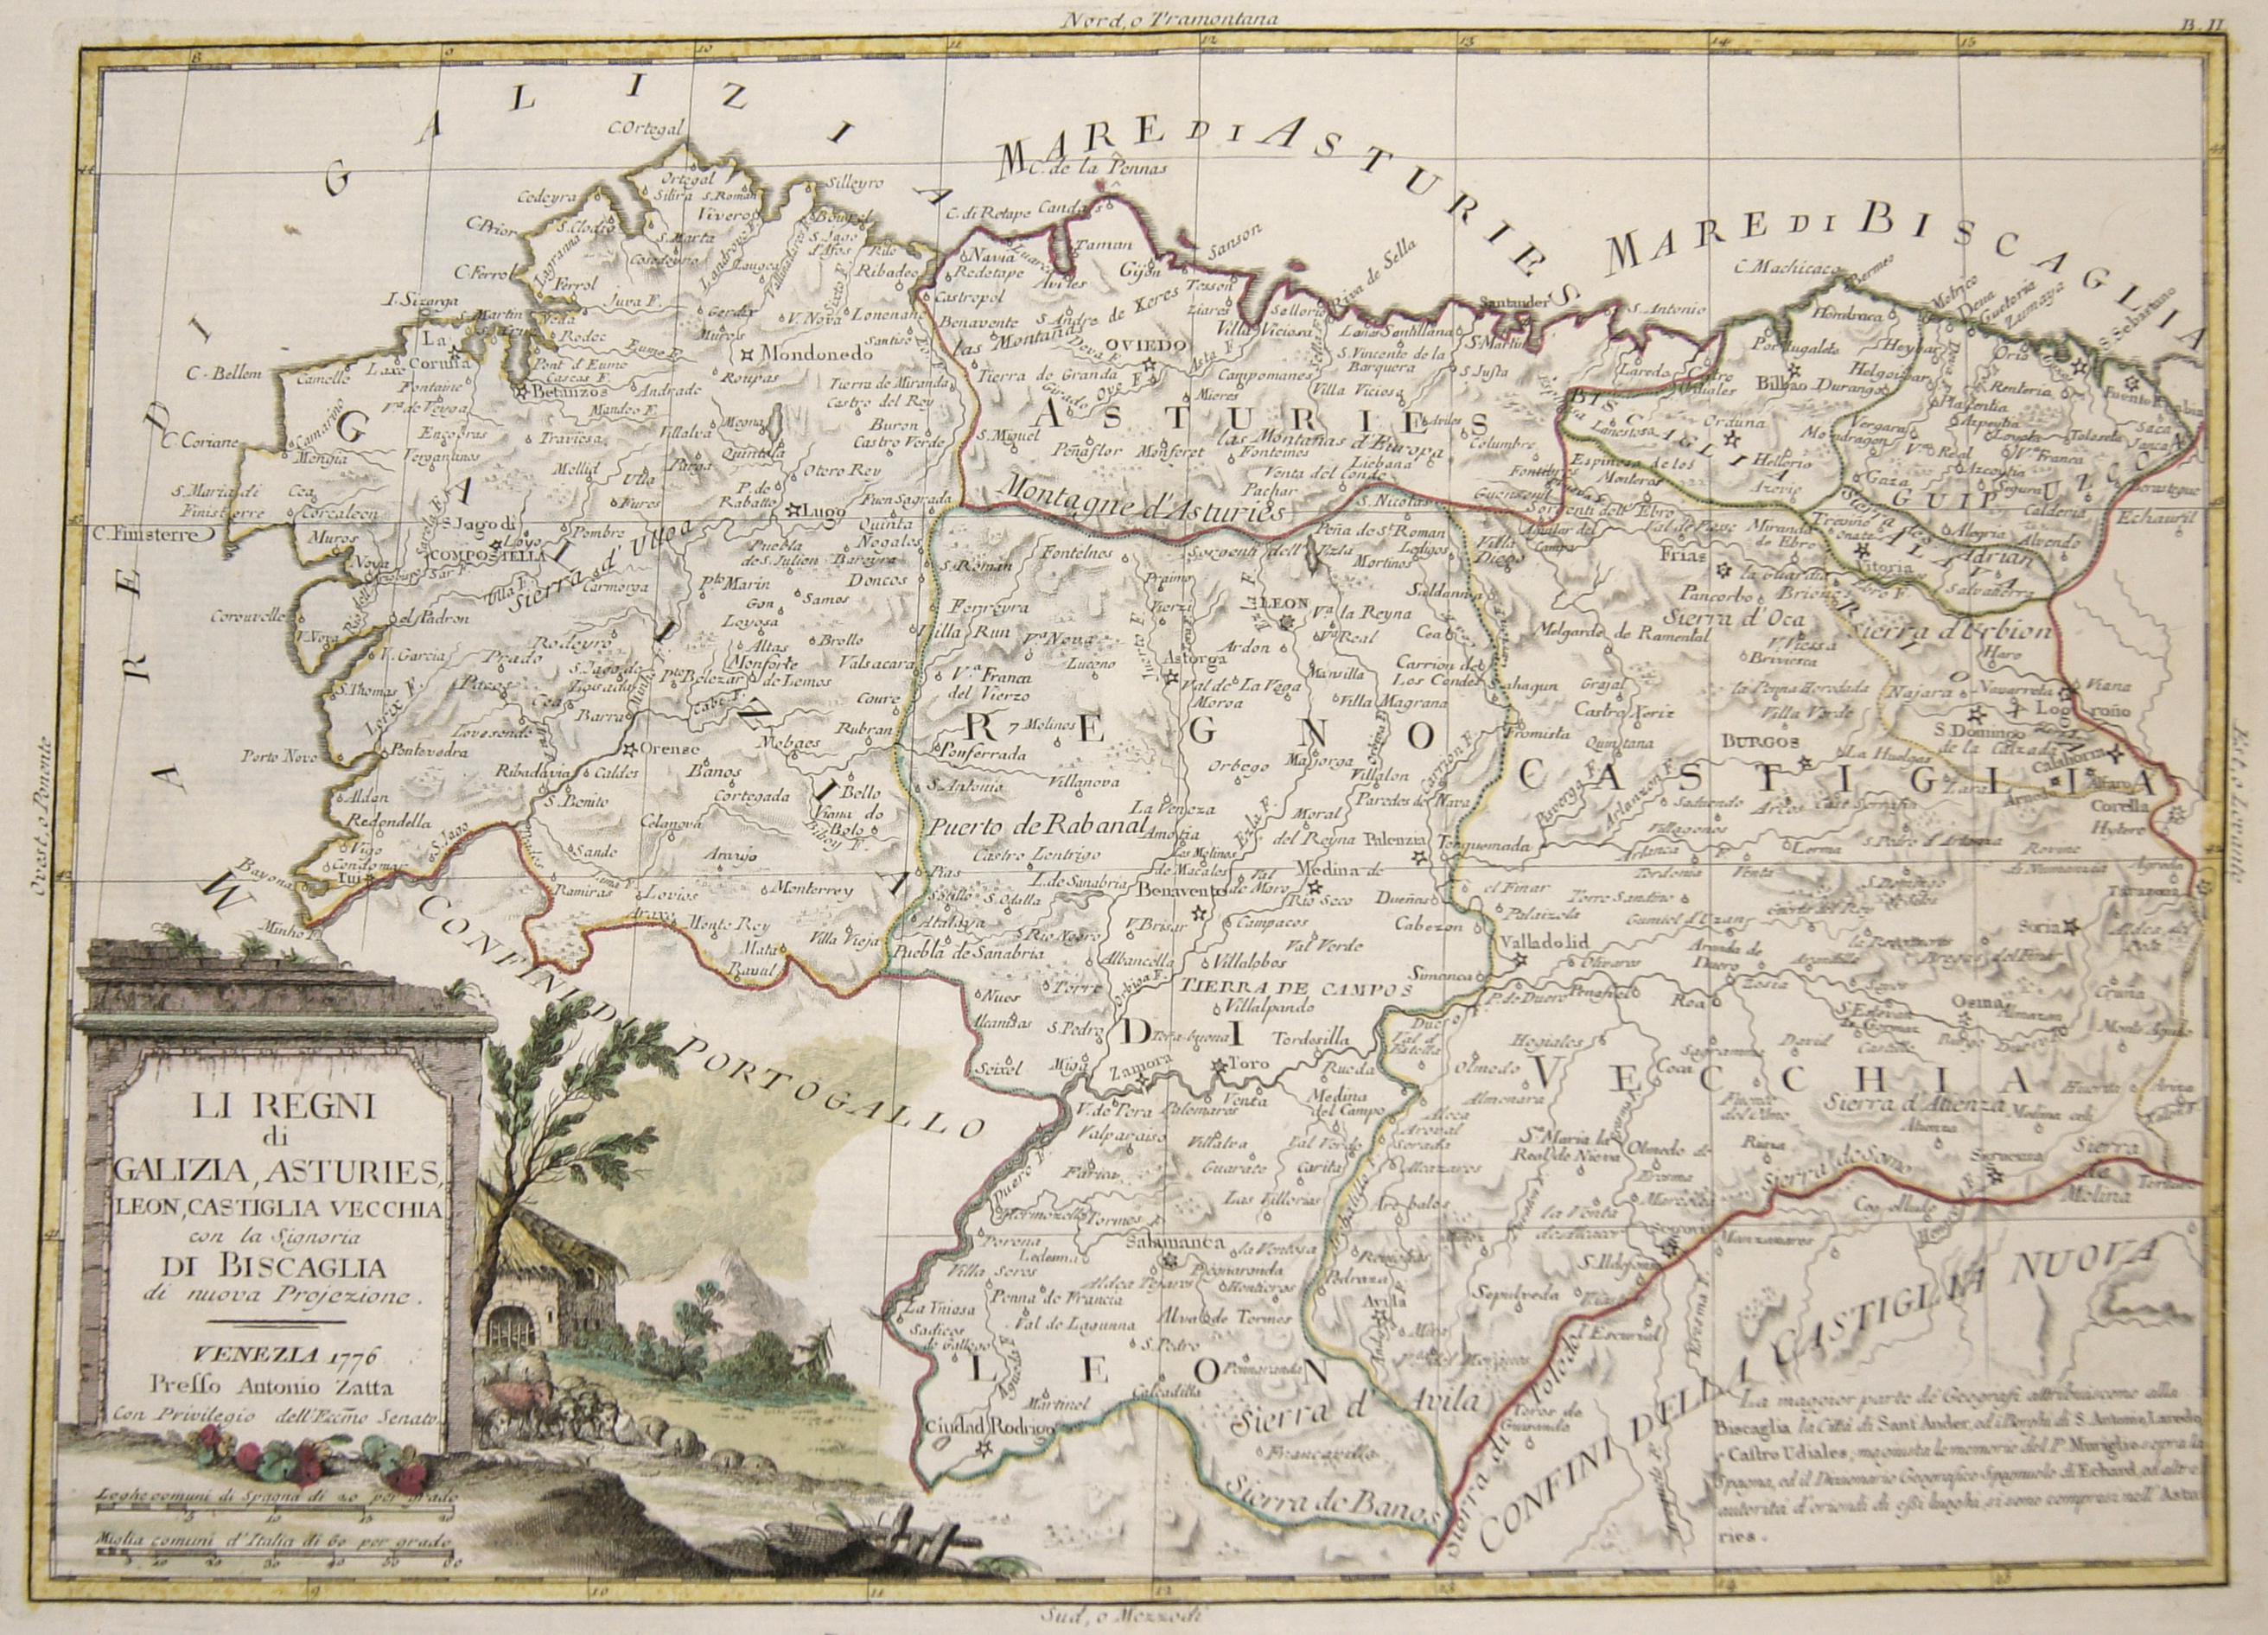 Zatta  Li Regni di Galizia, Asturies, Leon, Castiglia Vecchia con la Signoria di Bascaglia di nuova Projezione.